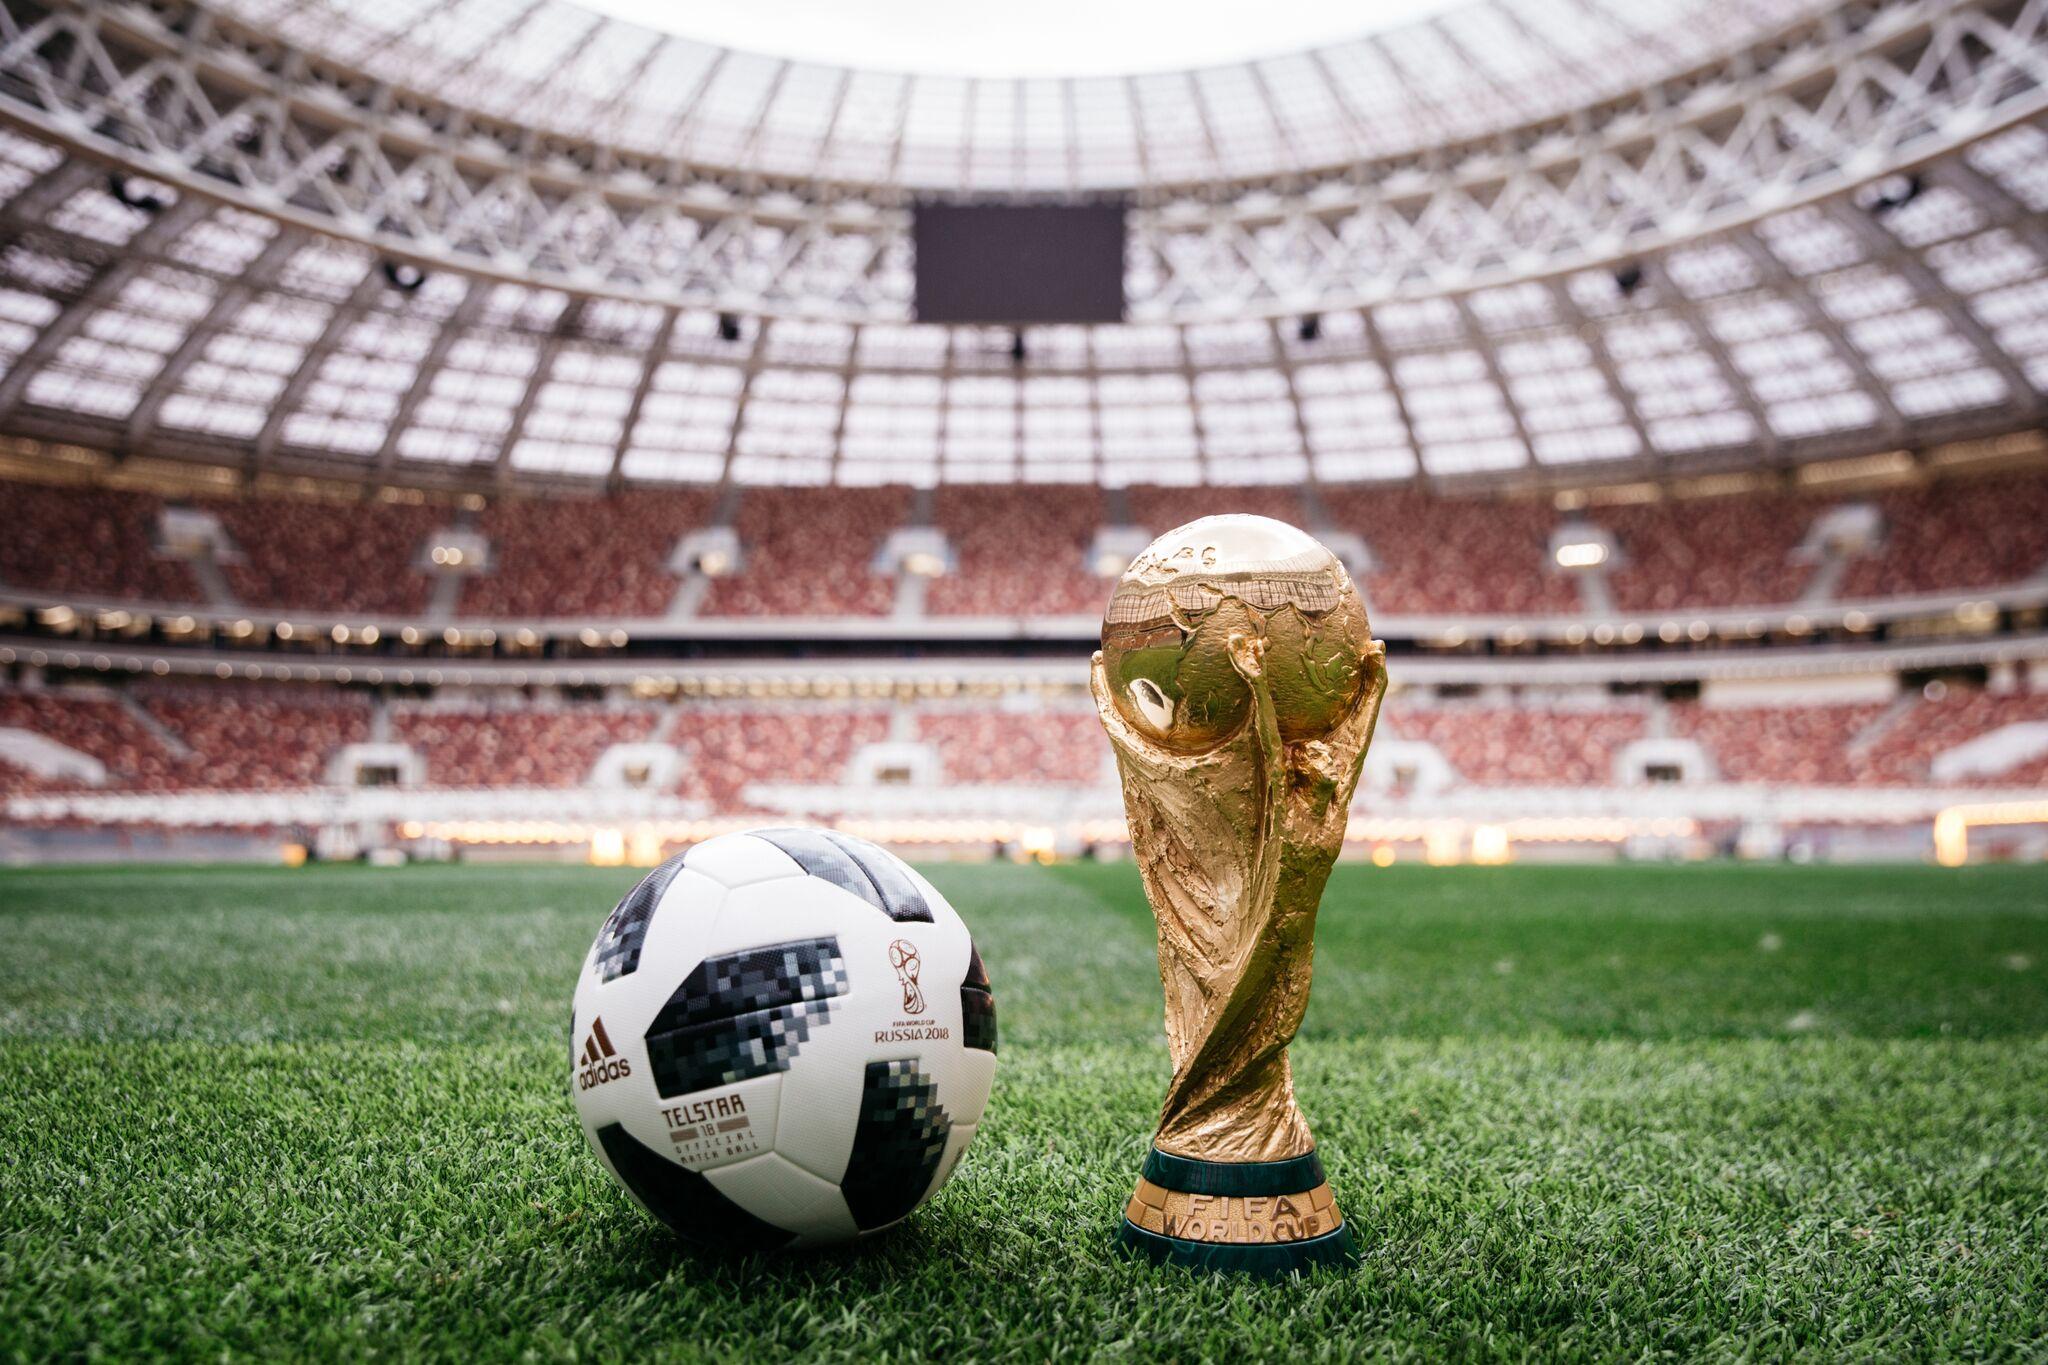 nouveau-ballon-coupe-du-monde-2018-adidas-telstar-7